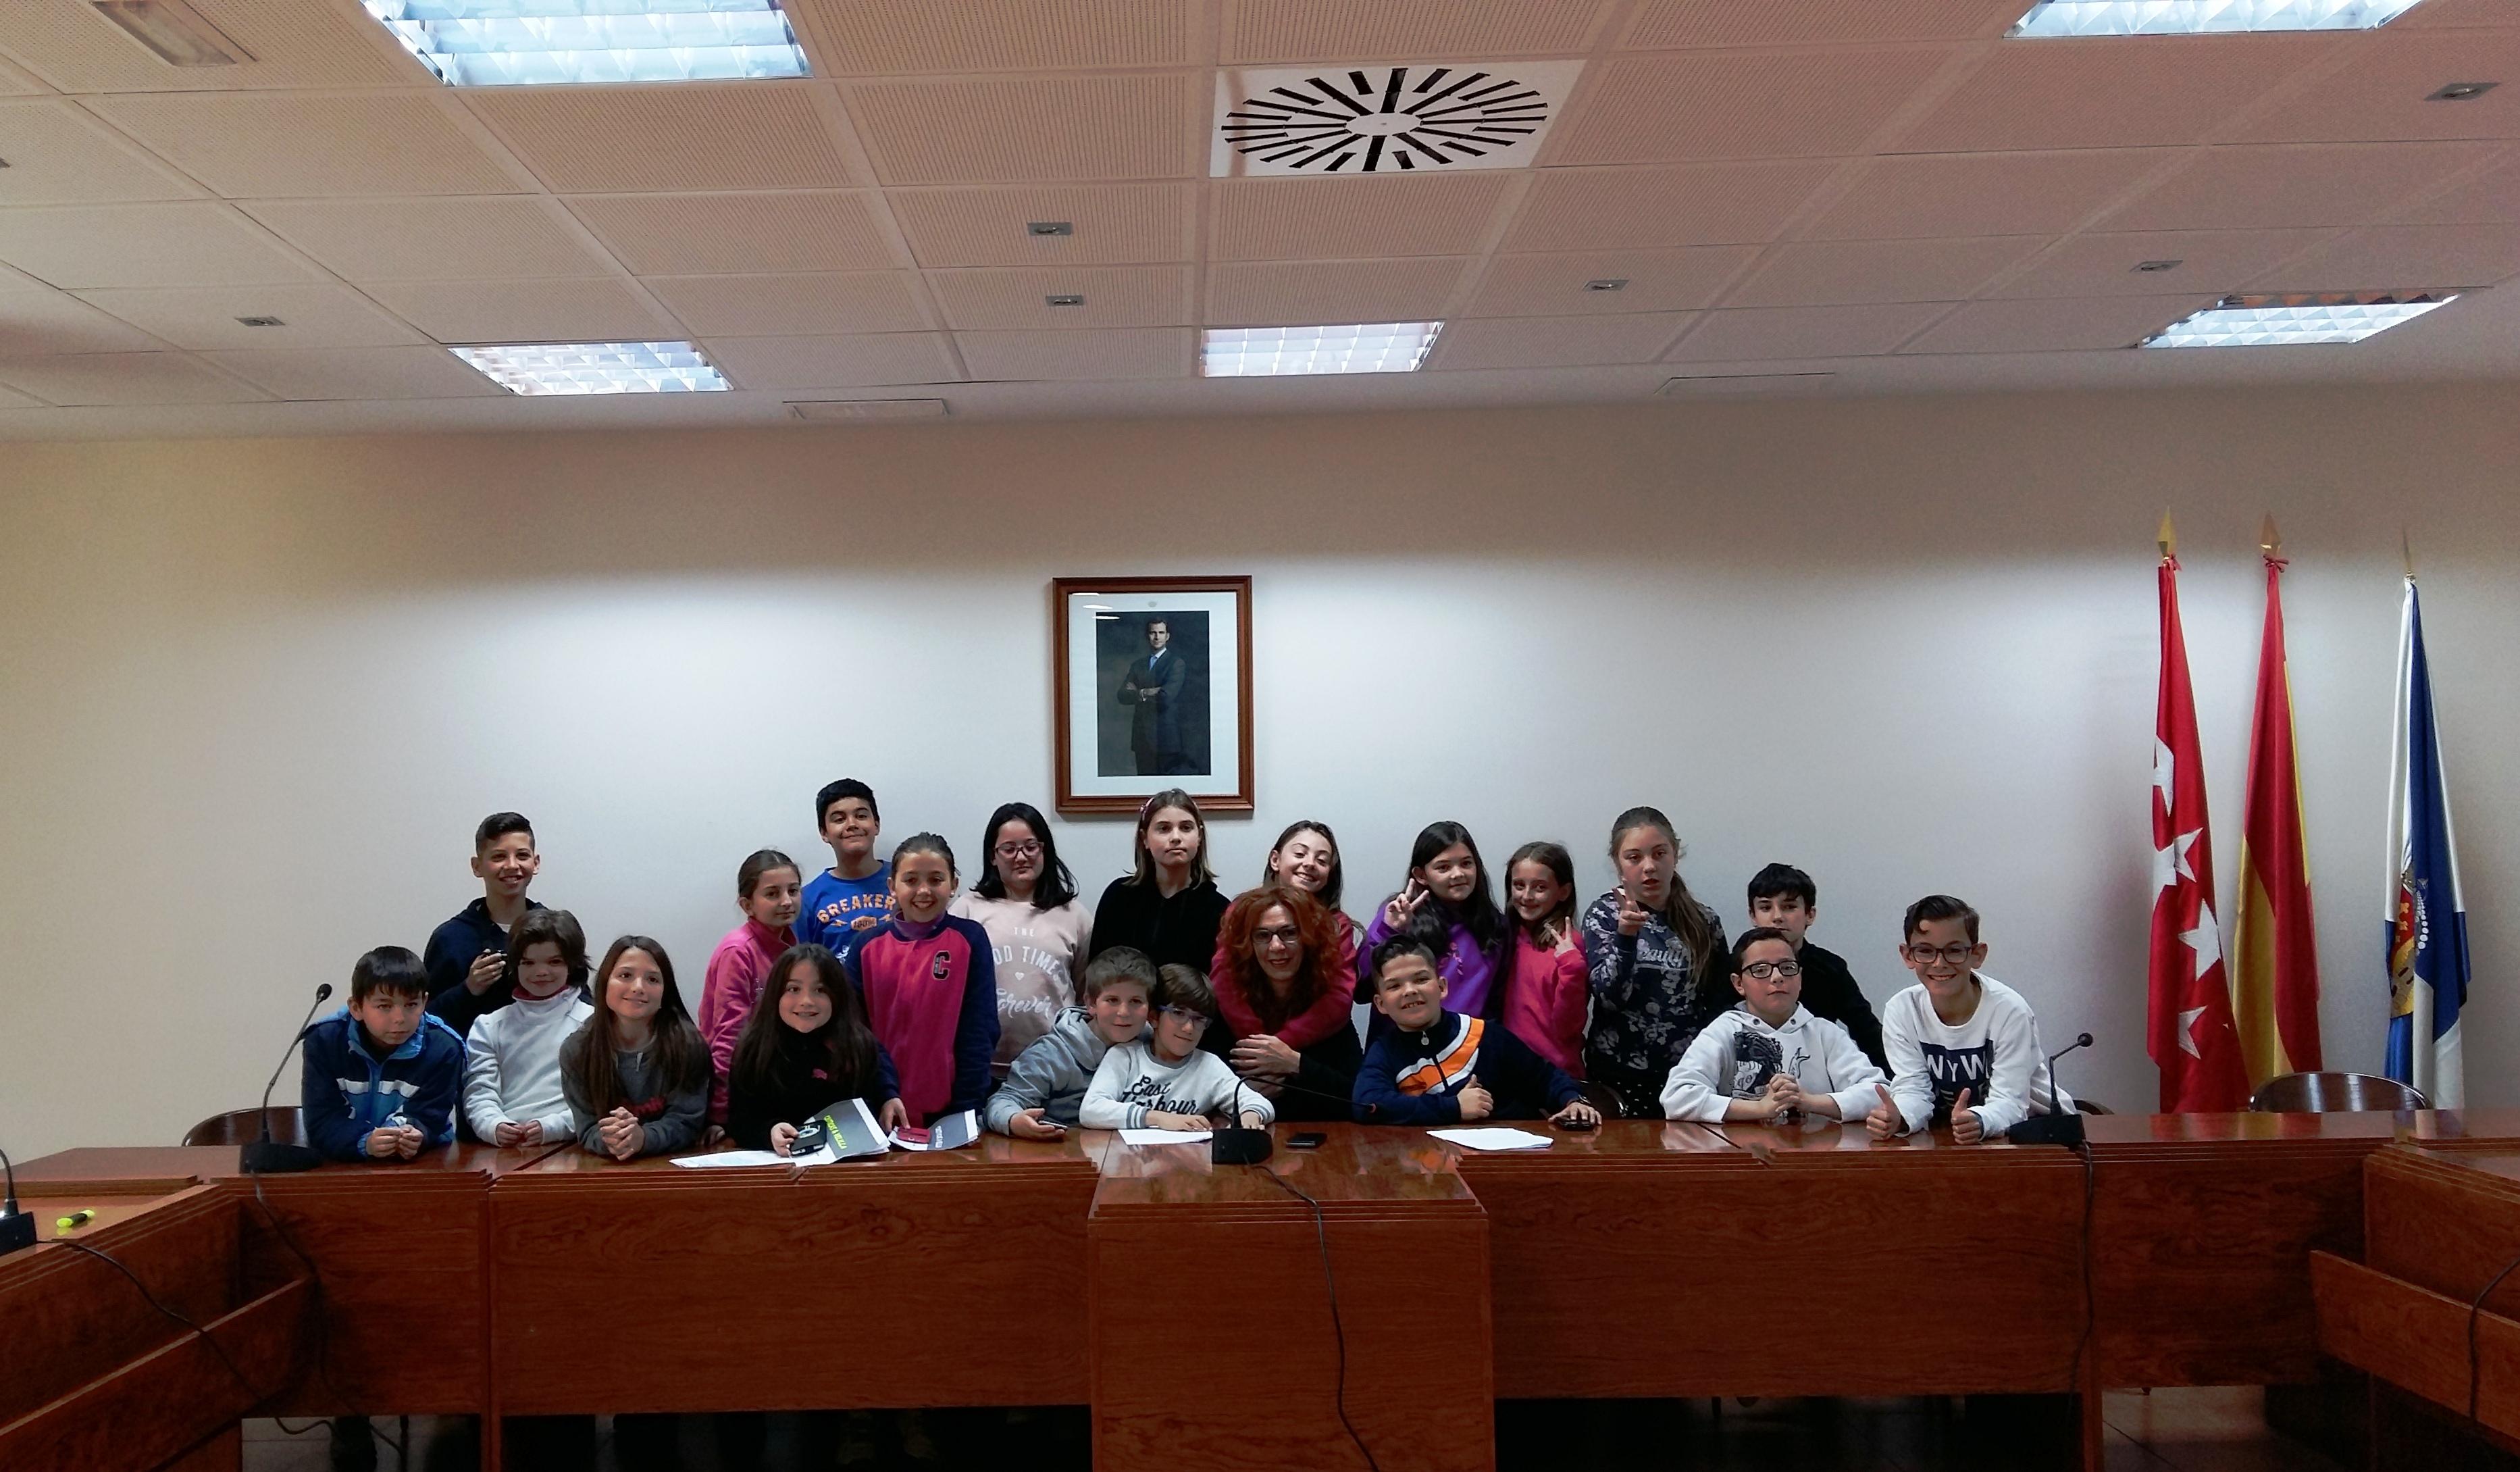 Los chicos y chicas de 5ºD del CP Valdemera entrevistan a la Alcaldesa